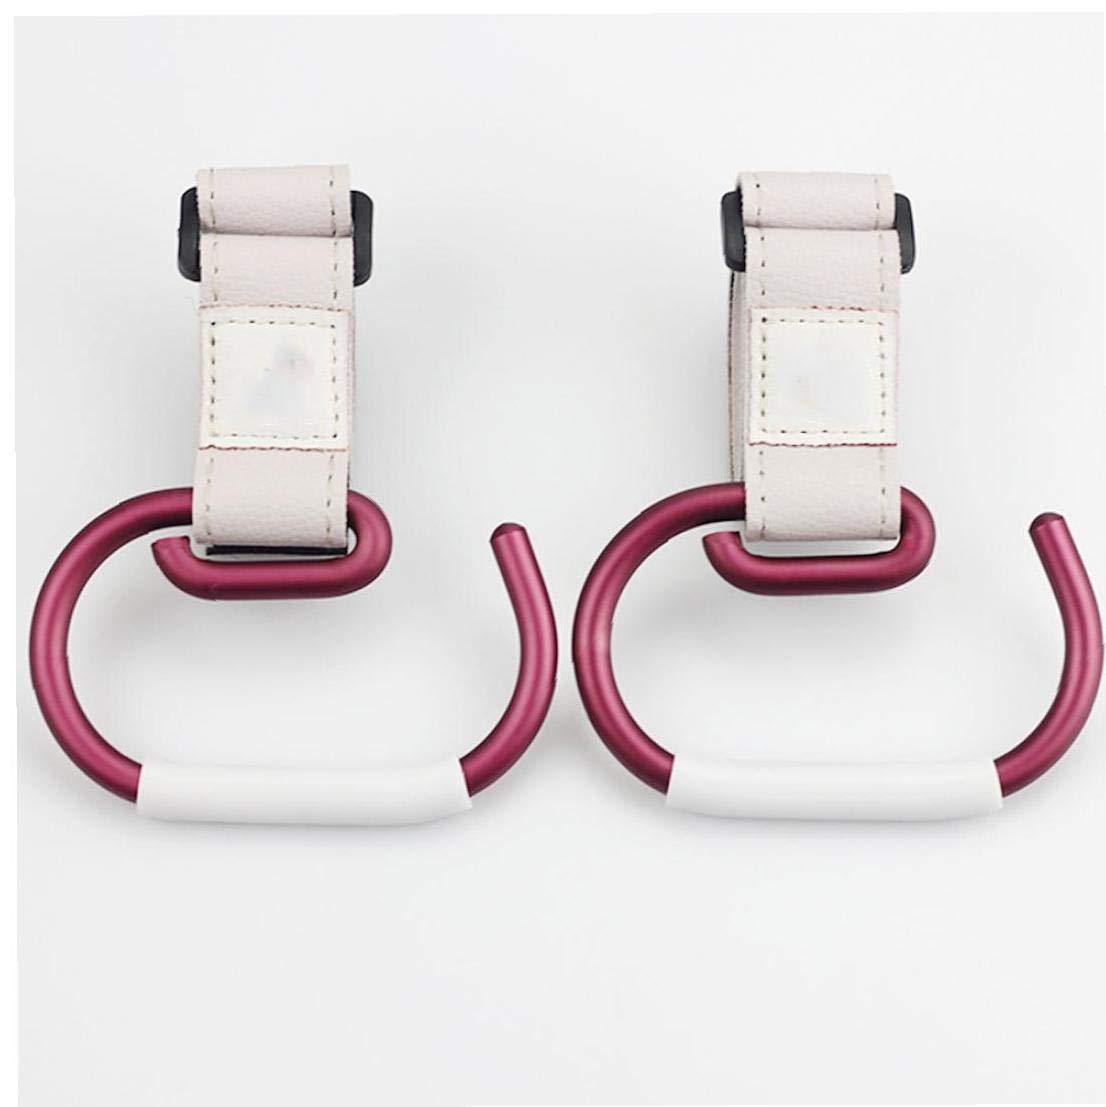 Gancho de la carretilla del cochecito gancho ajustable clip flexible cochecito Percha universal pr/áctico gancho Multi Purpose Hanger rojo y blanco